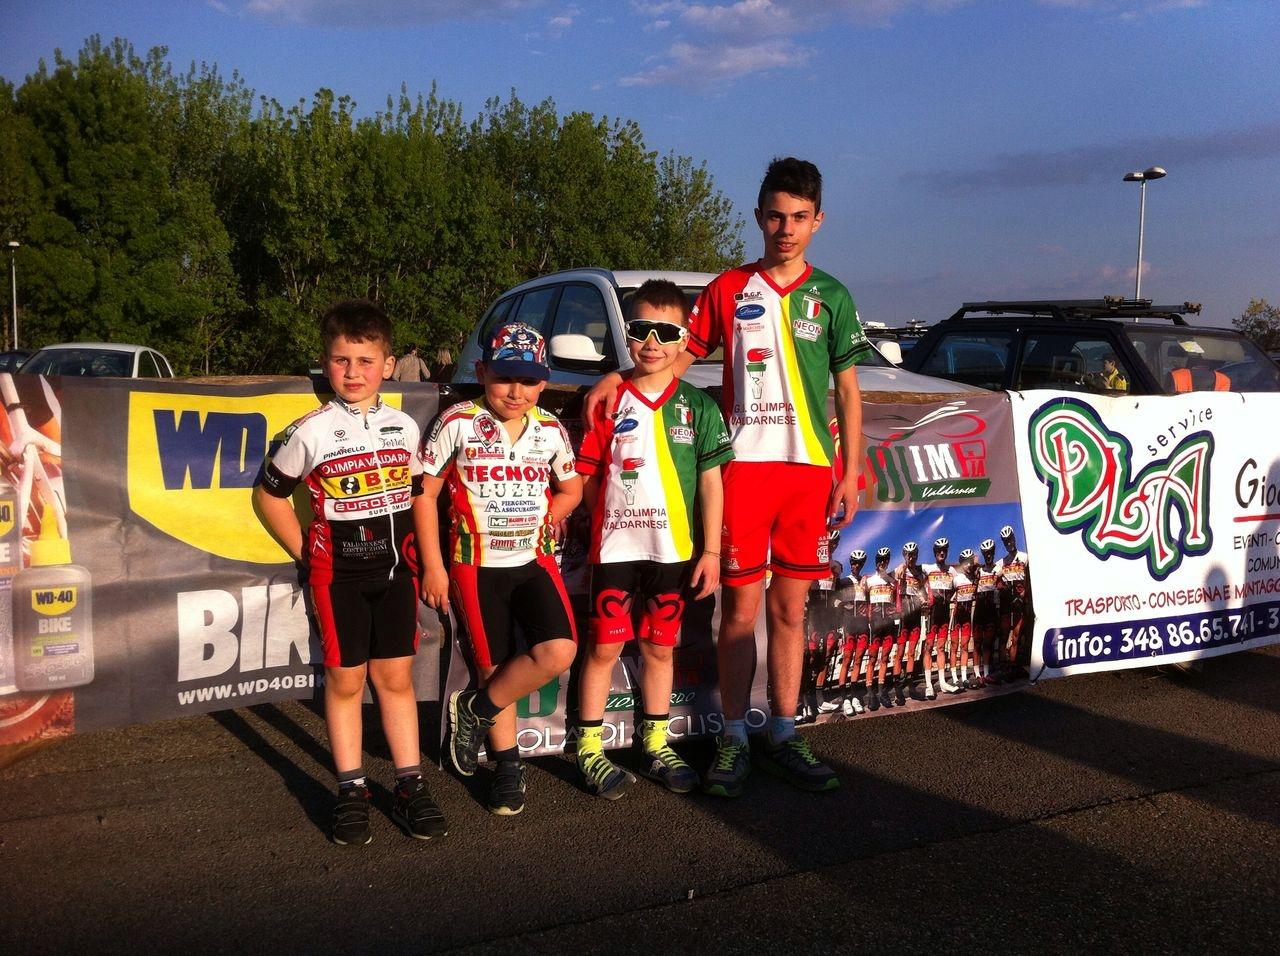 Ciclismo giovanissimi: riparte la stagione con la Valdichiana subito in evidenza